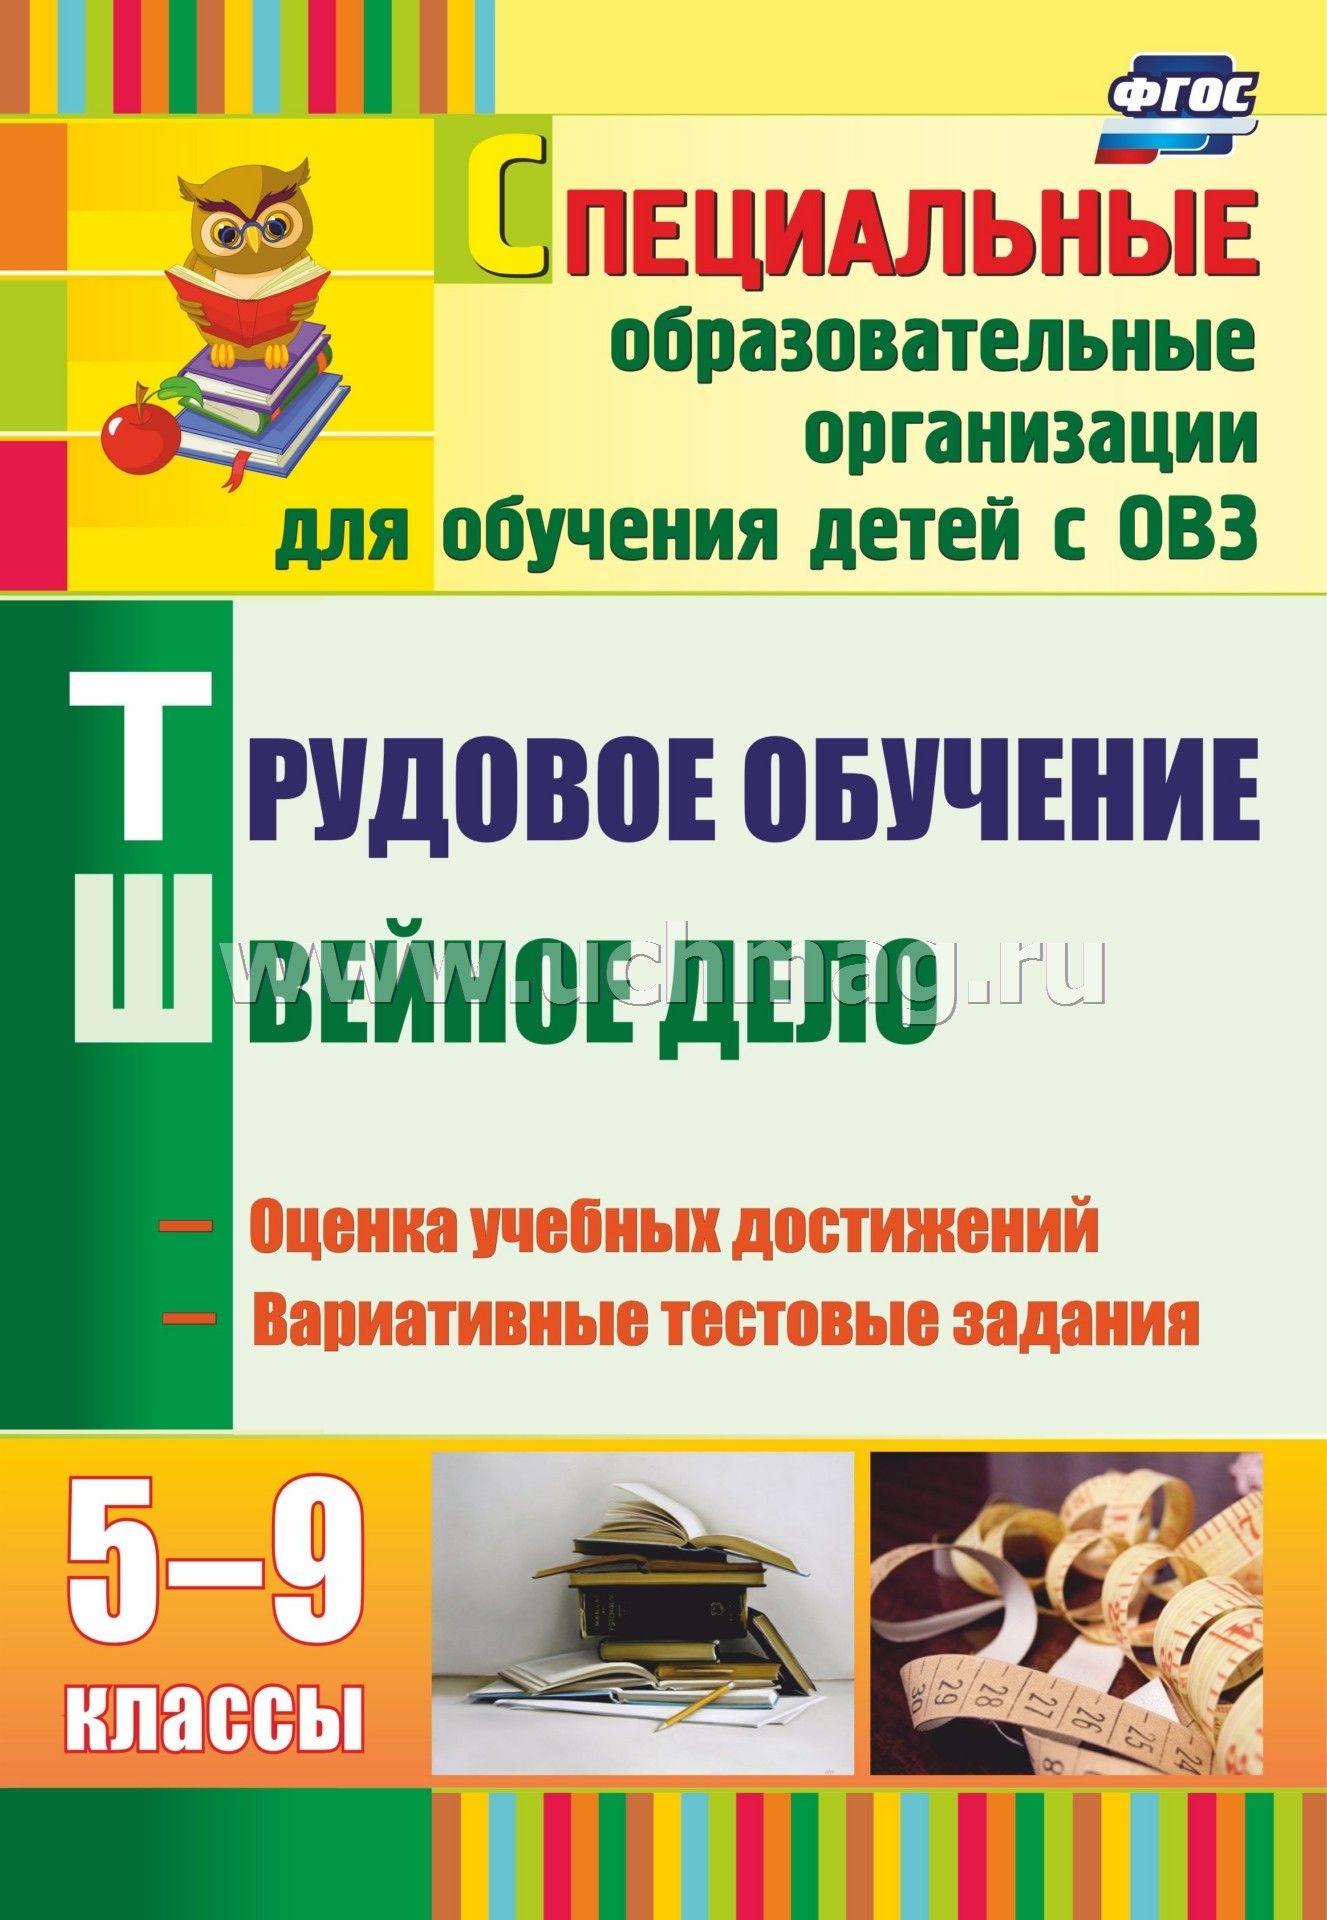 Образовательную программу швейное дело